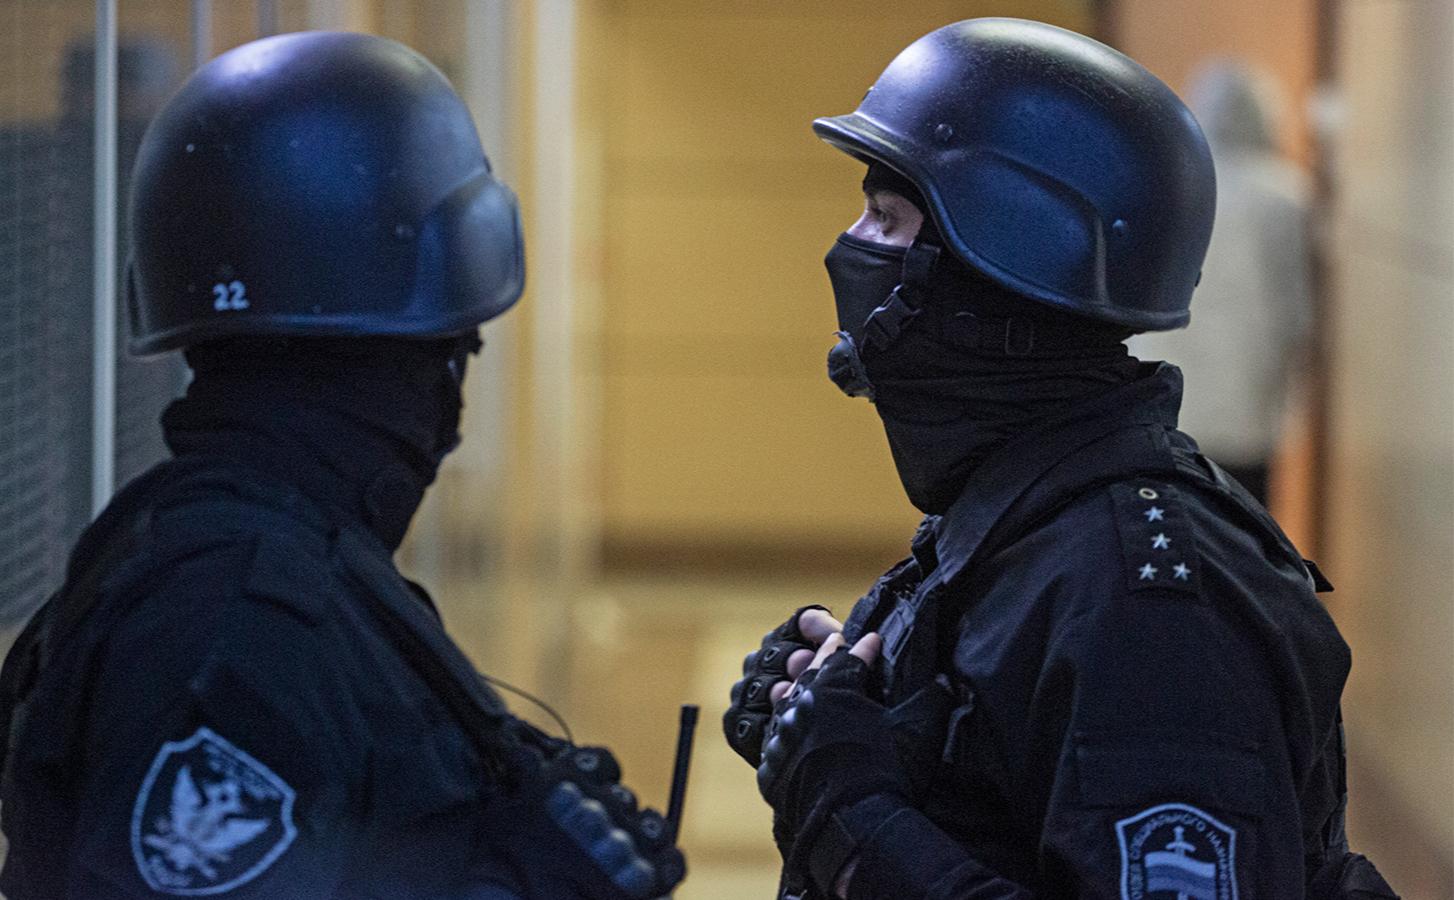 Фото: Сергей Ильницкий / ТАСС